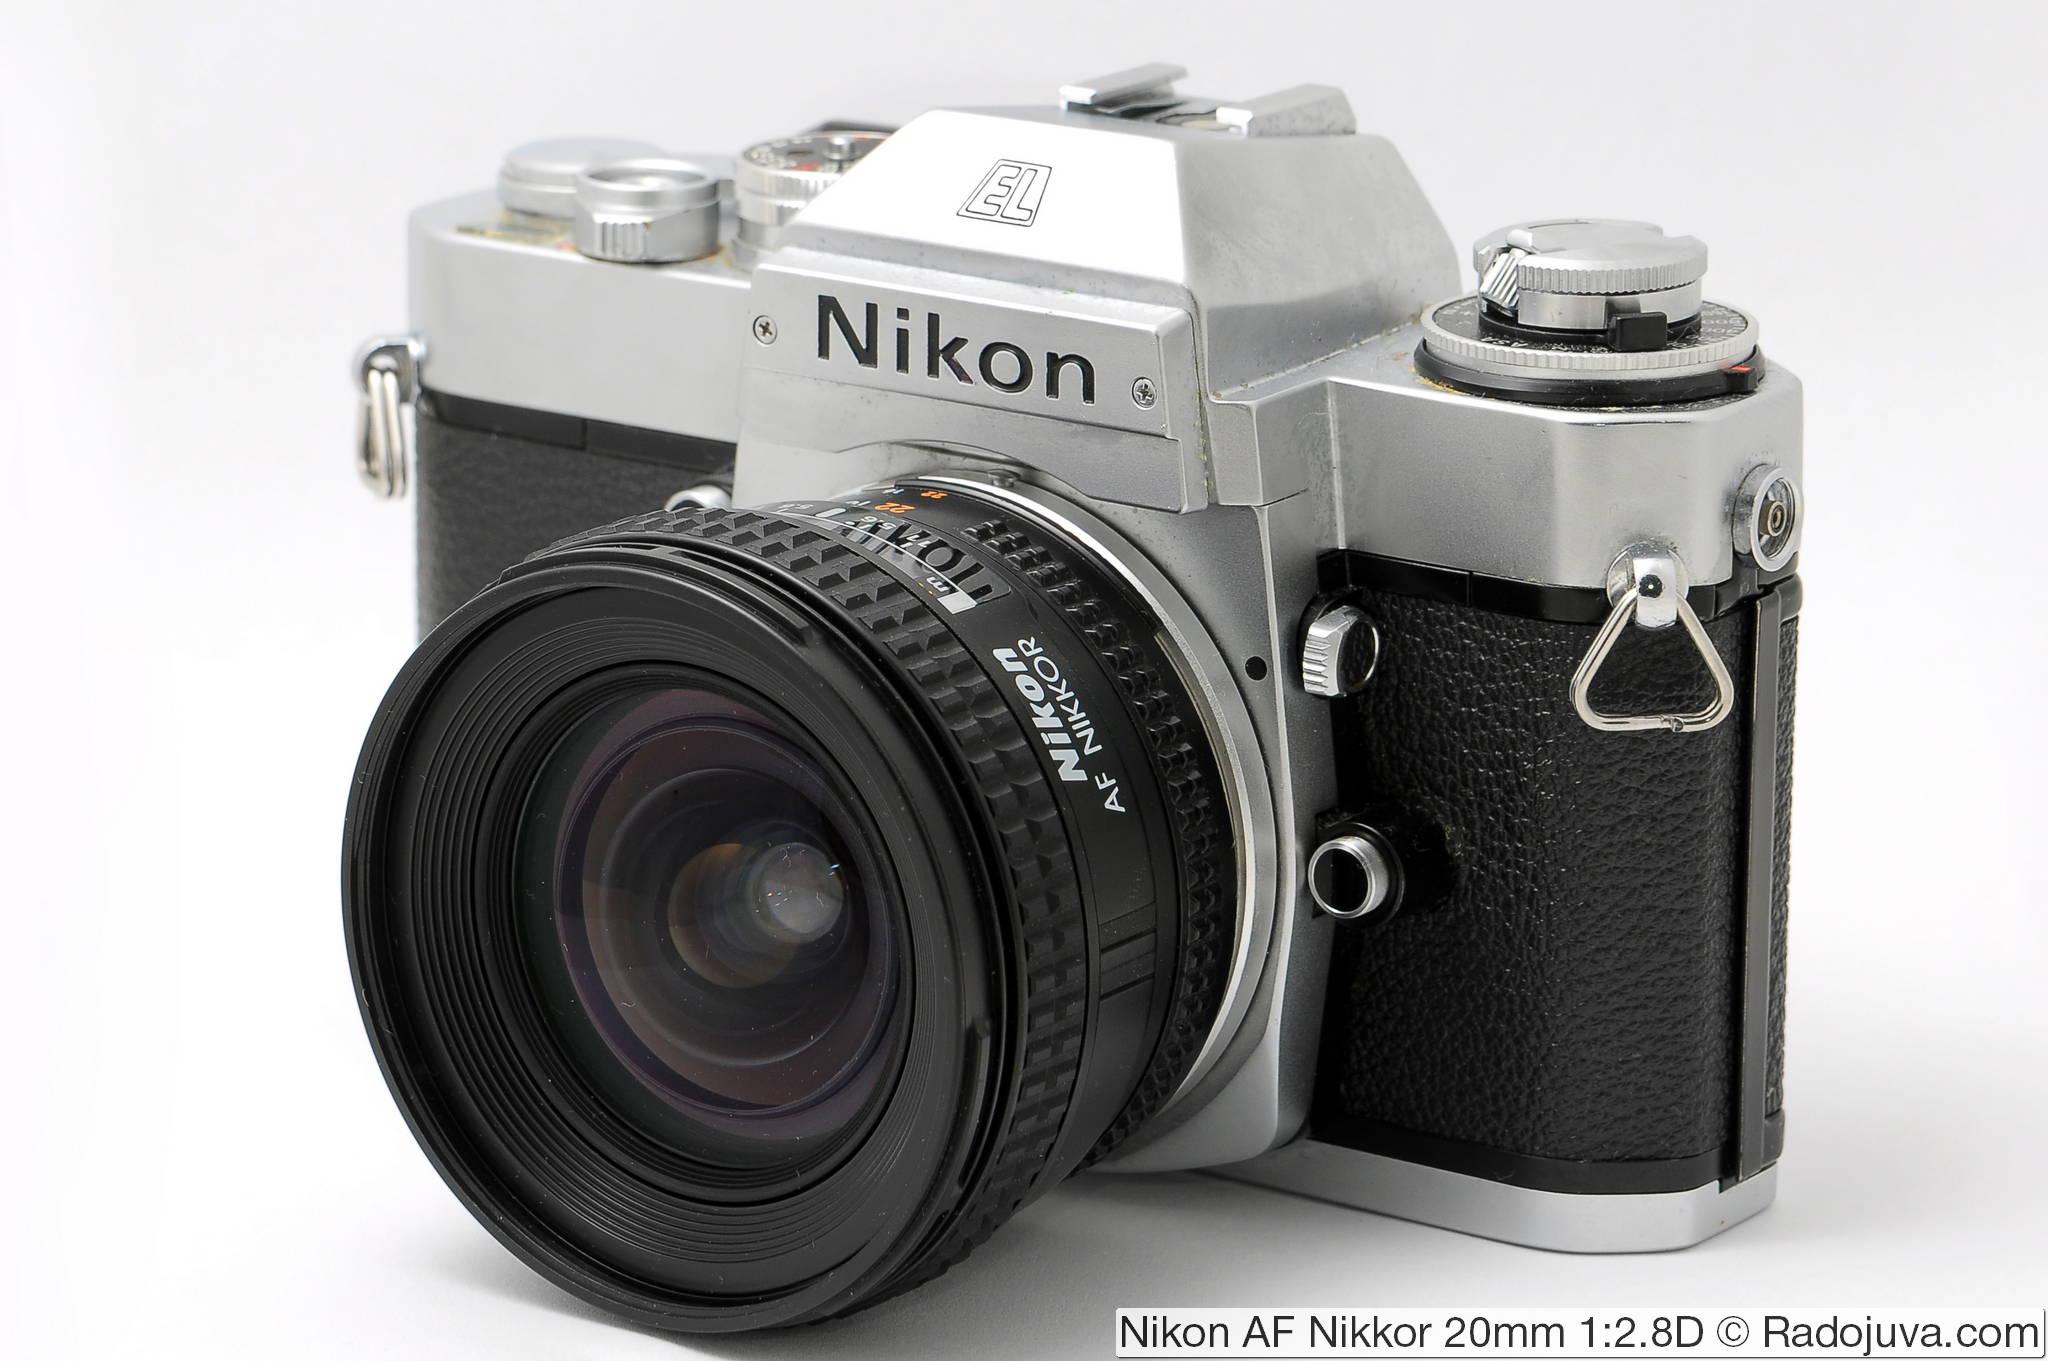 Nikon AF Nikkor 20mm 1:2.8D на пленочной зеркальной камере